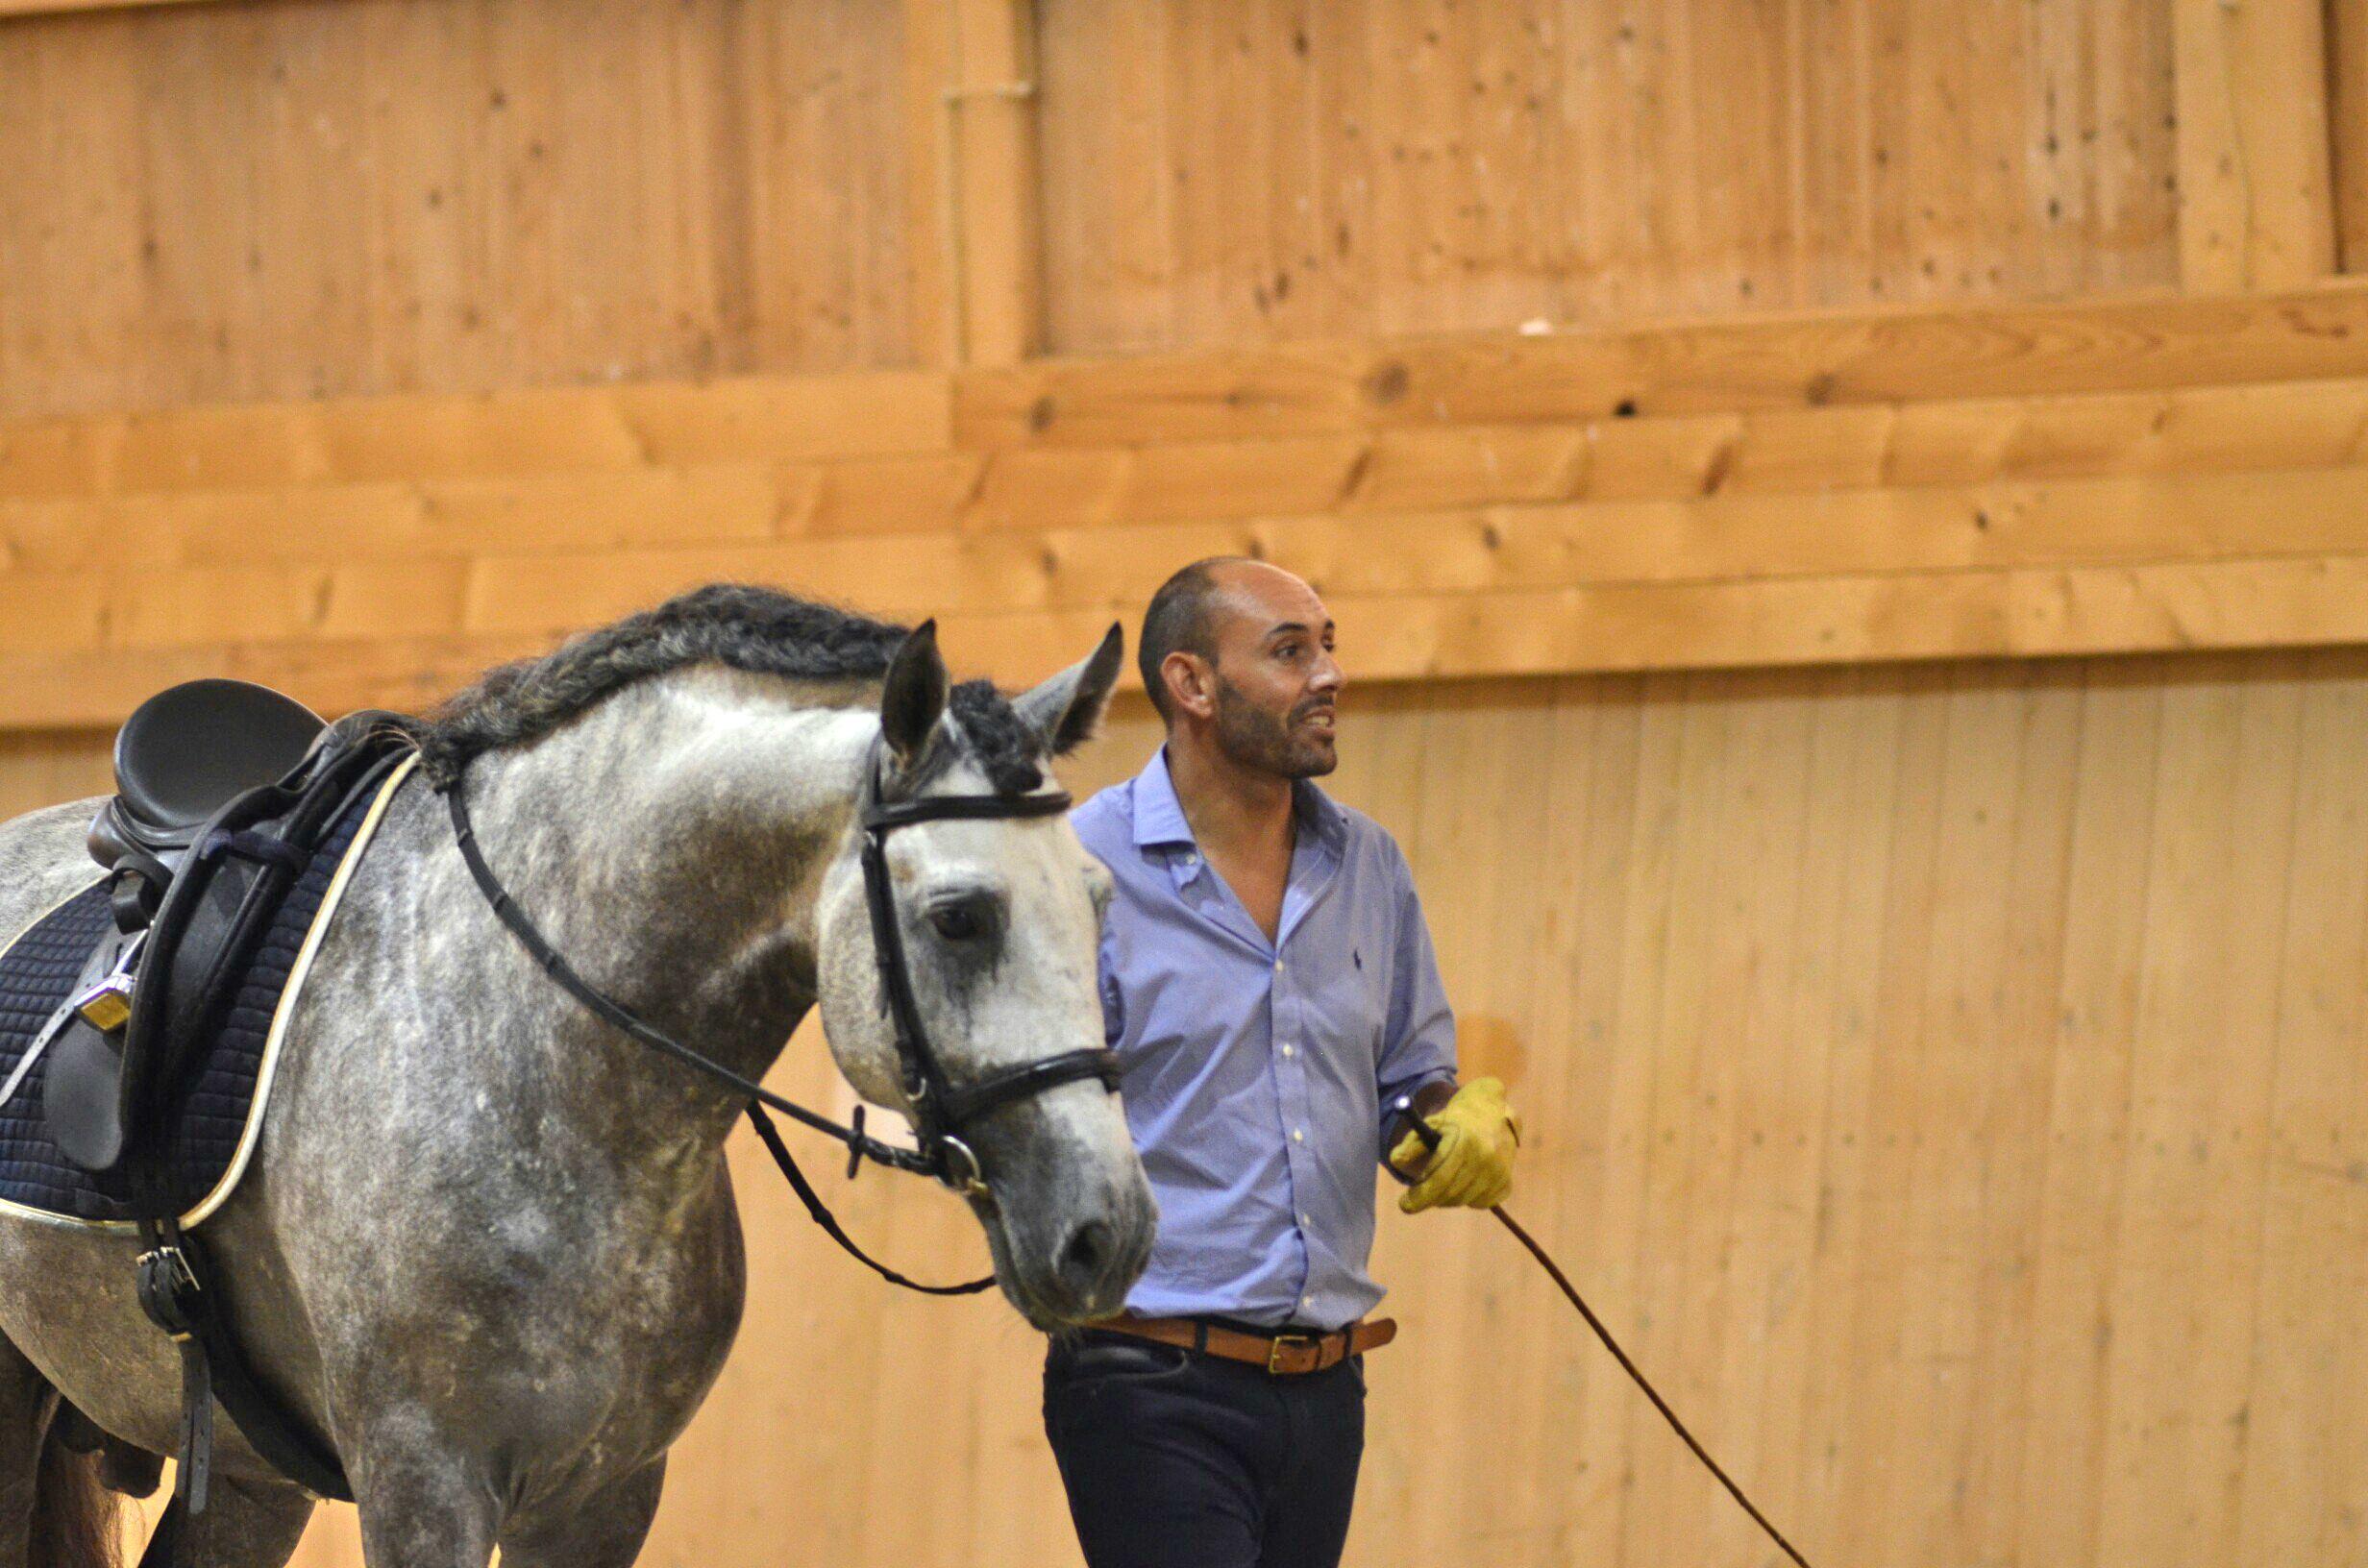 """Интервью. Paulo Sérgio: """"Важно - знать чего ты хочешь"""" - фото 7X3kvOw8ROg, главная Интервью , конный журнал EquiLIfe"""